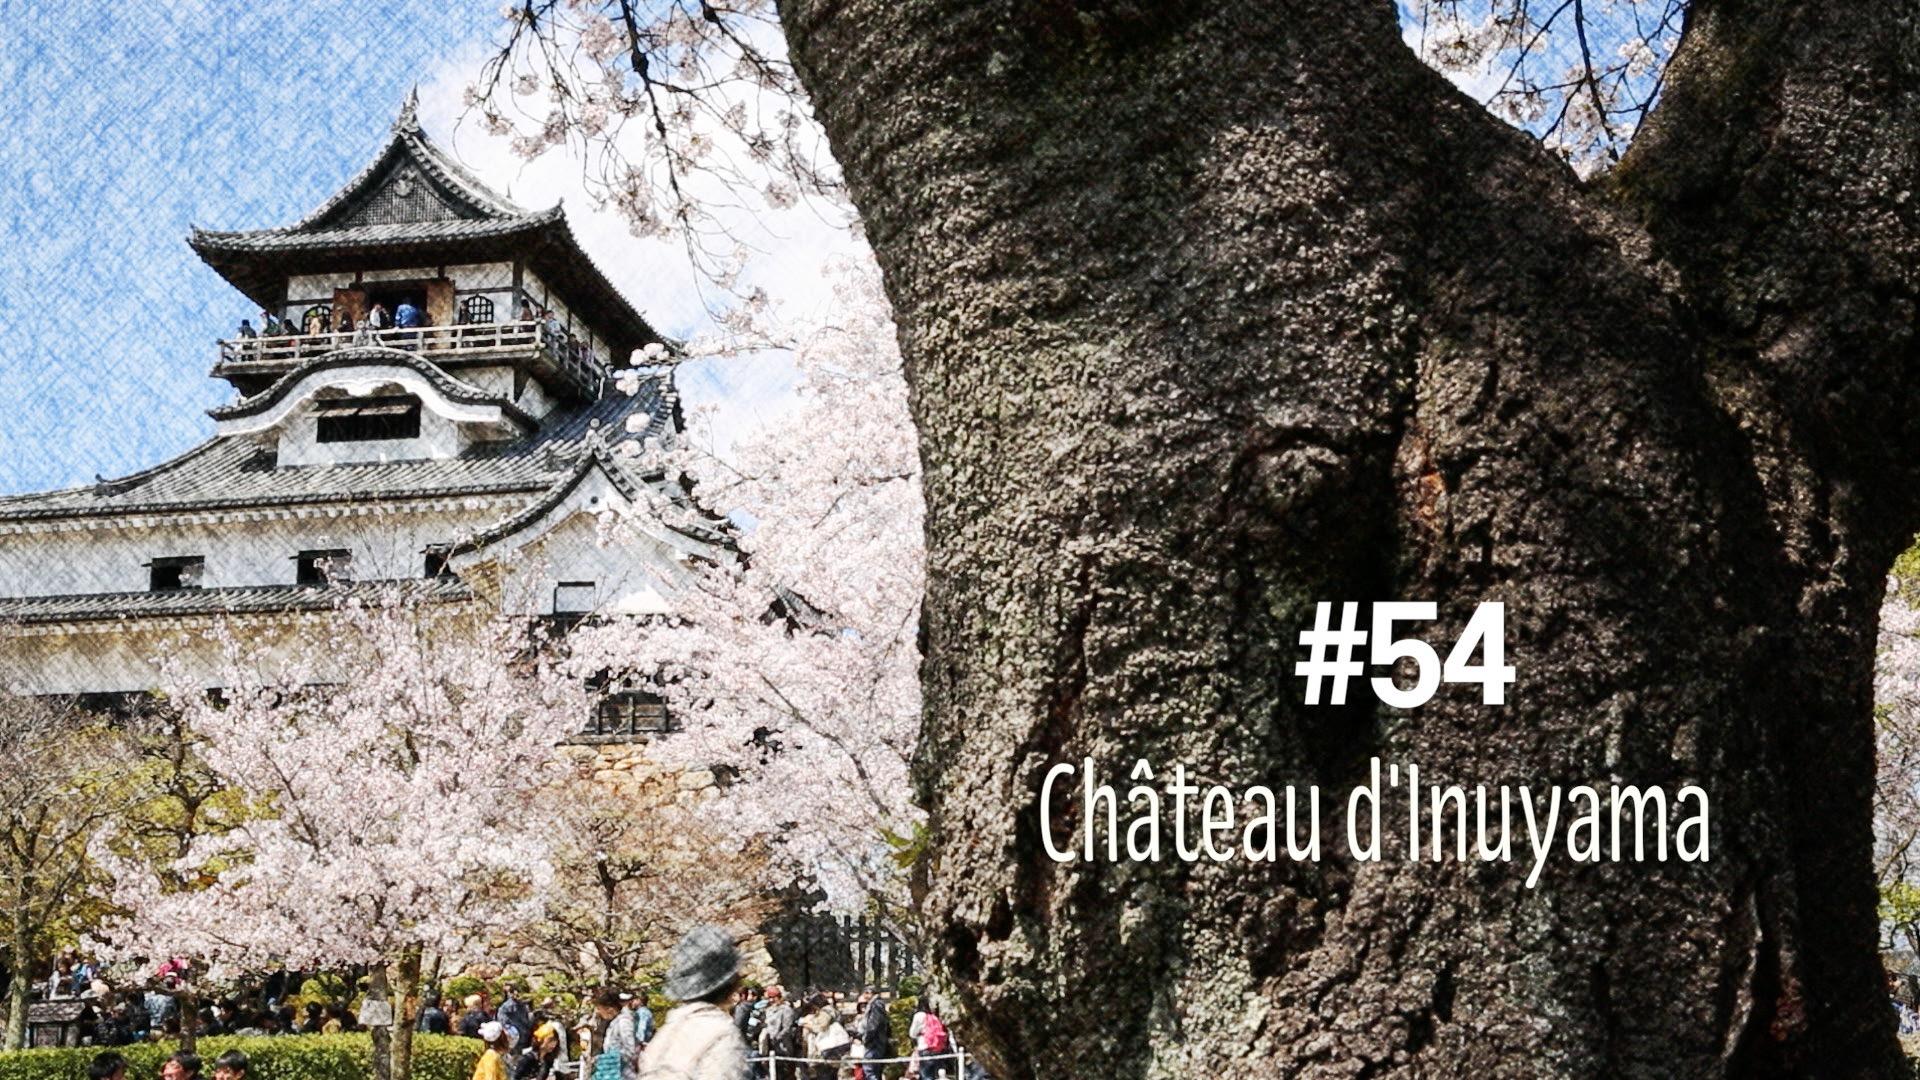 Le château d'Inuyama (#54)